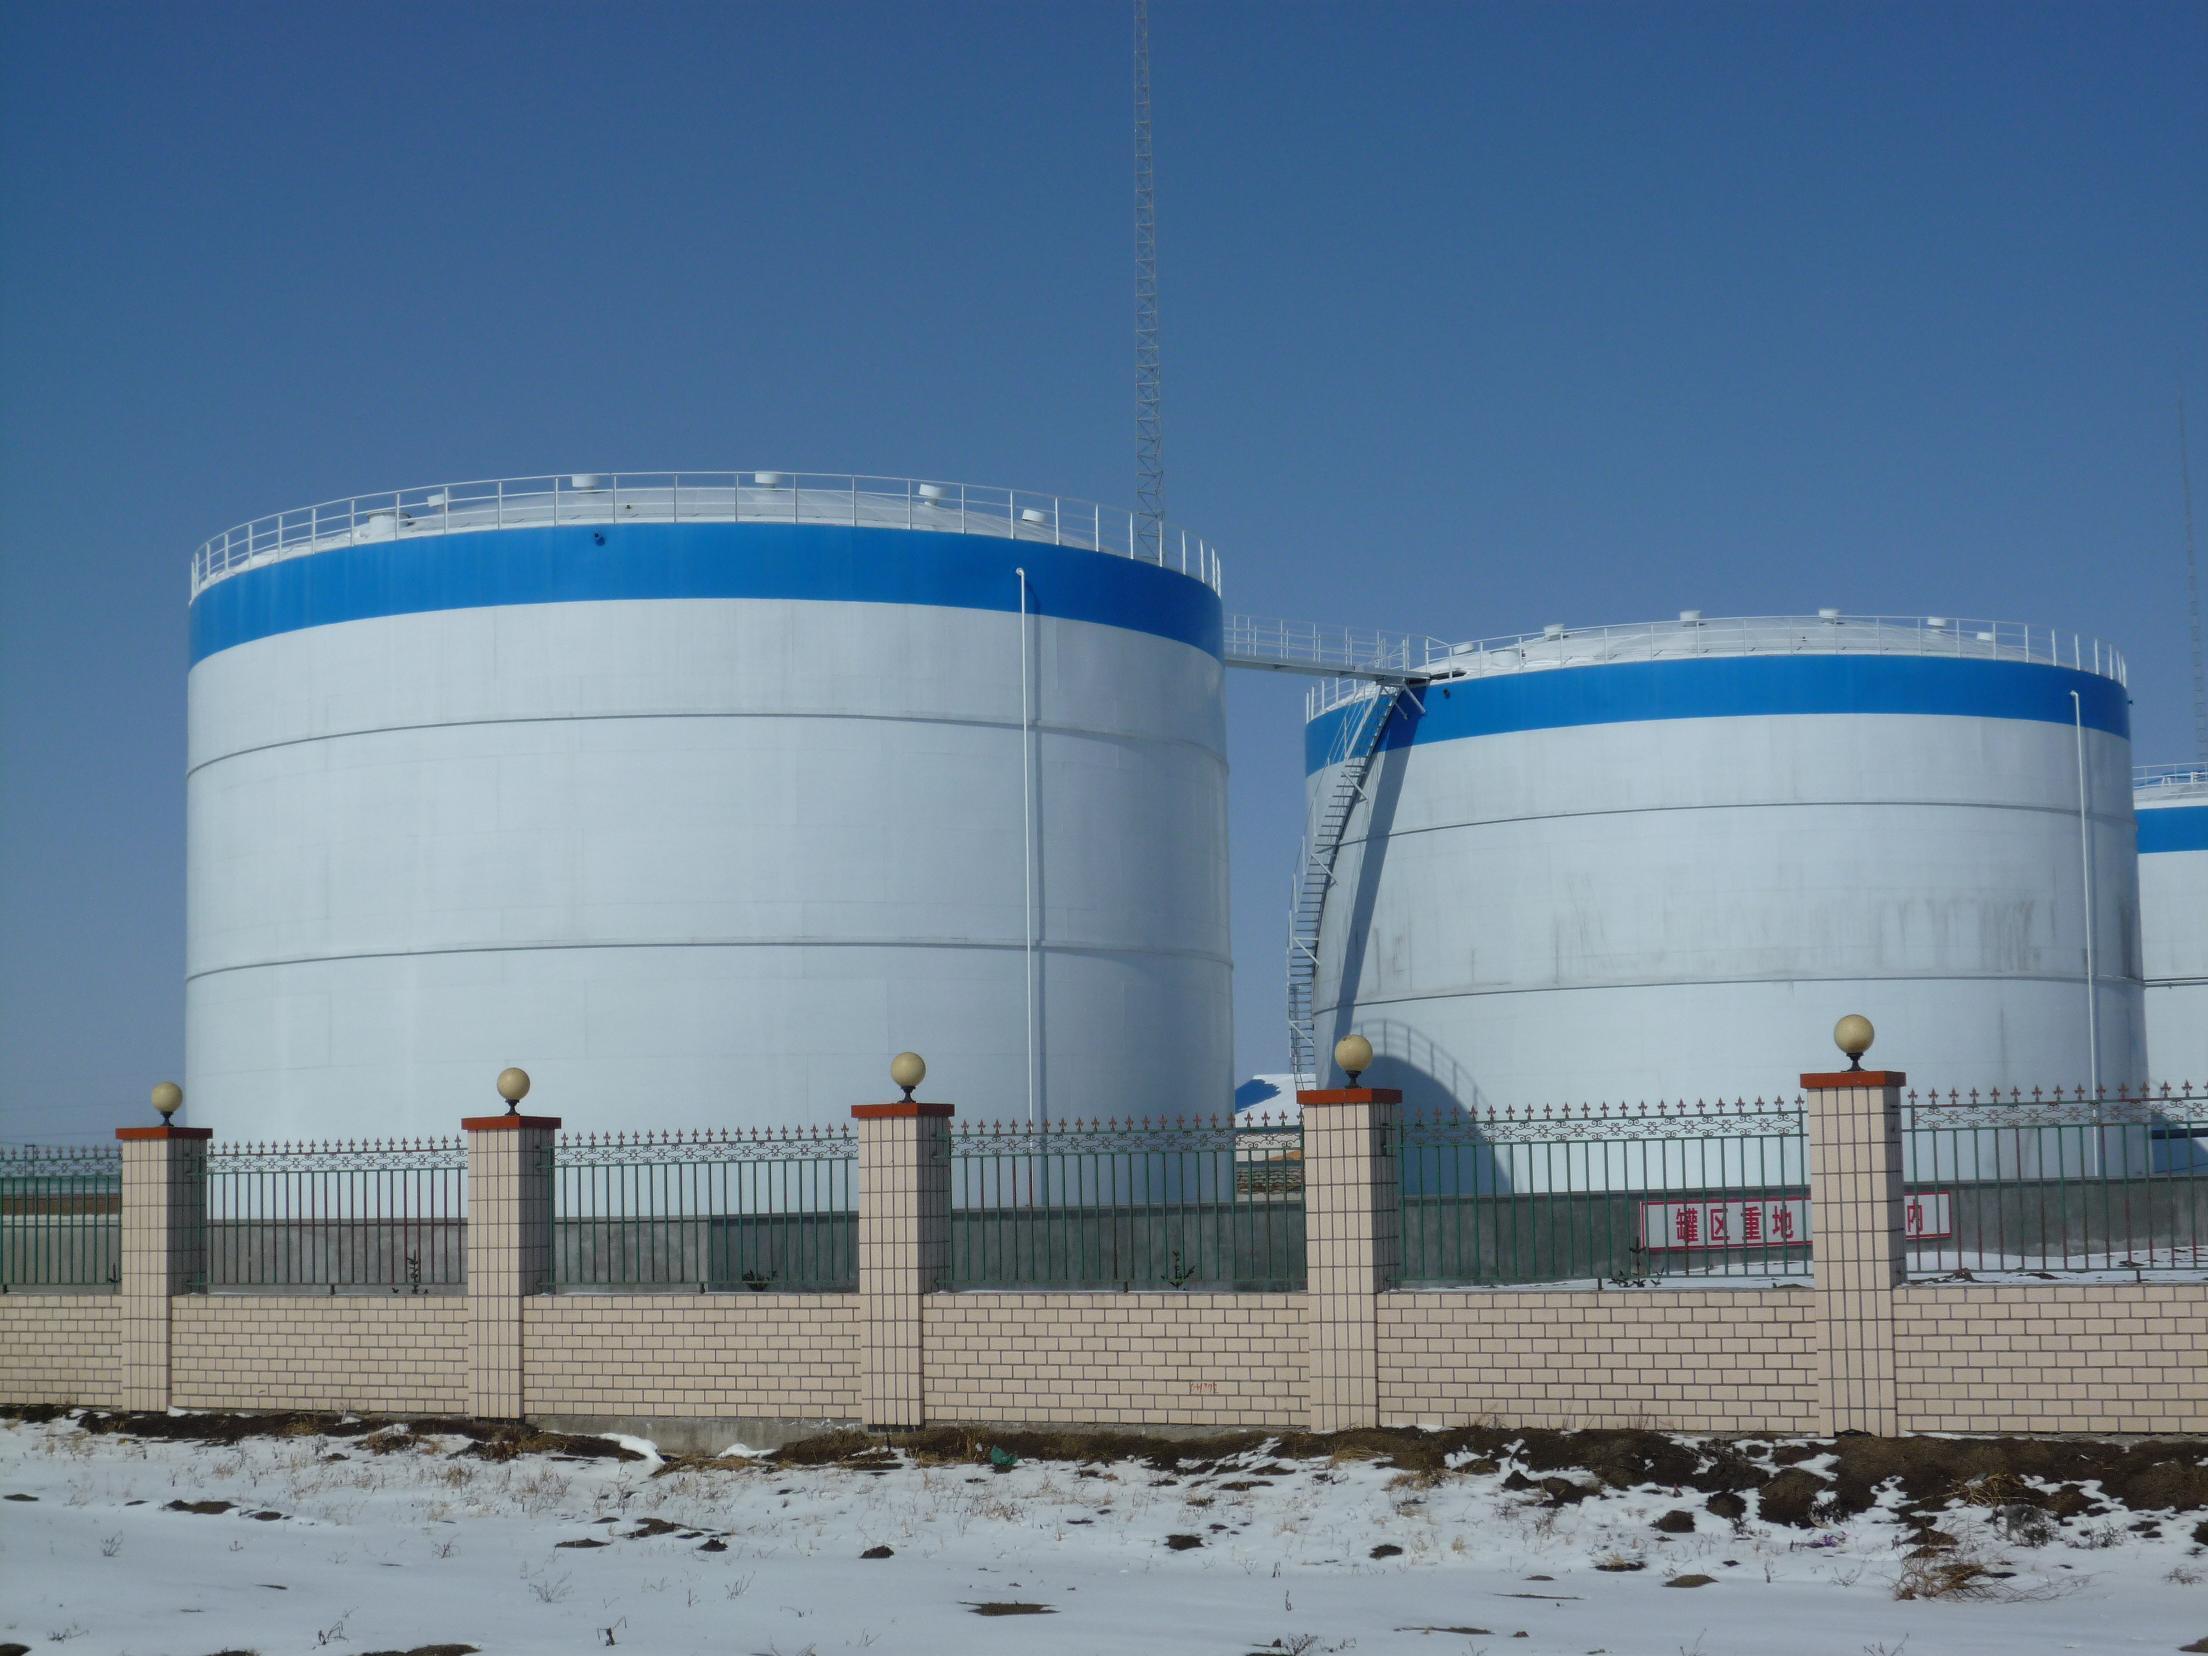 库体为圆柱形,库顶为球缺形的圆形仓库.